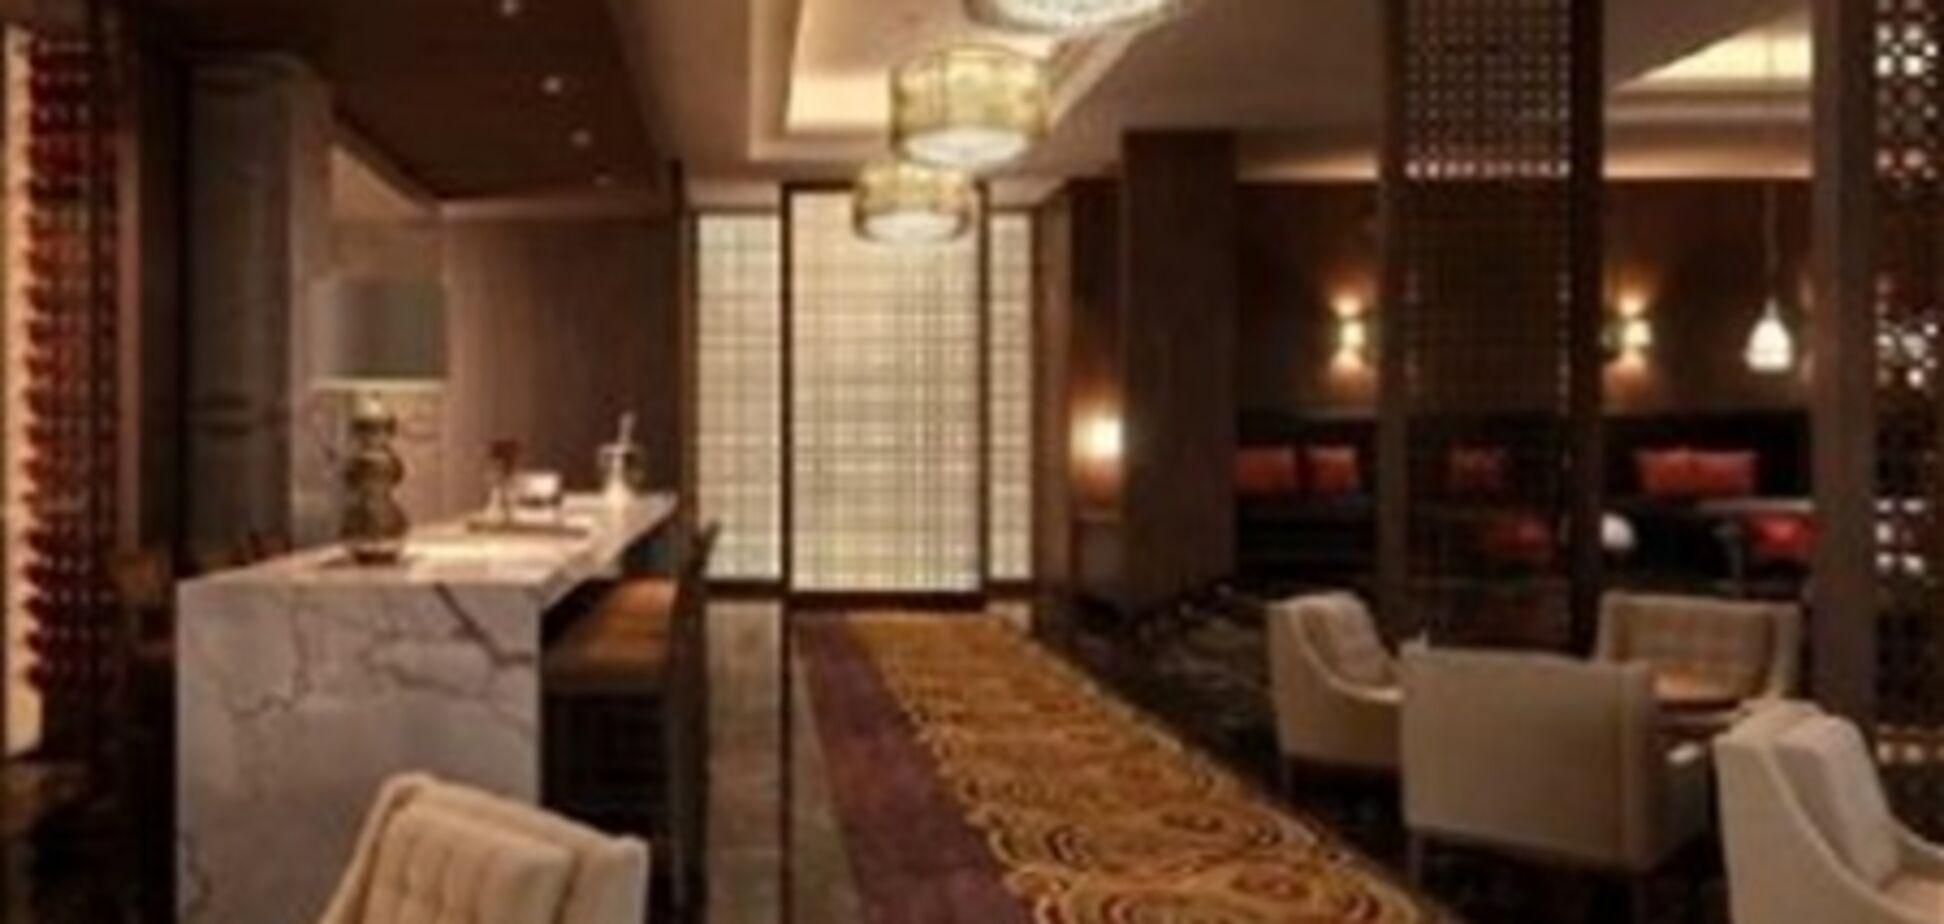 Отели 'Лейпциг' и 'Хилтон' откроют в Киеве осенью